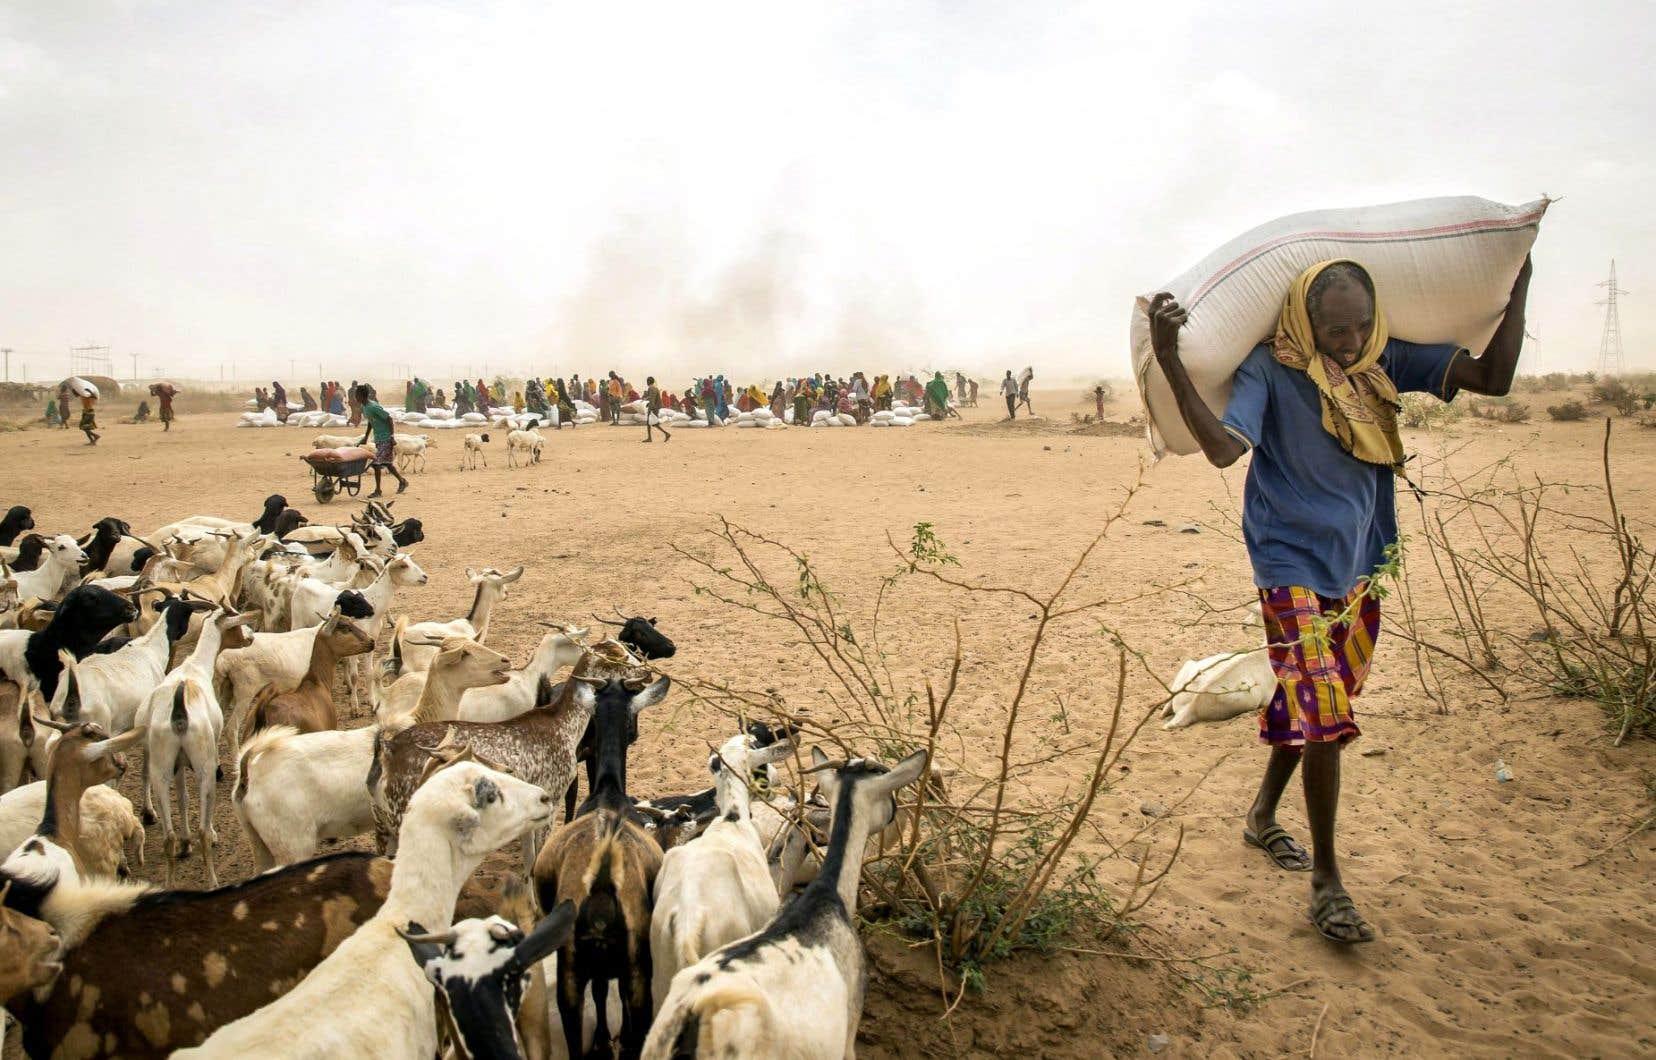 L'Éthiopie affronte sa pire sécheresse en 50 ans. Début juillet, trois organisations des Nations unies ont estimé qu'«environ 40millions de personnes dans l'est et le sud de l'Afrique seront probablement aux prises avec une situation d'insécurité alimentaire».